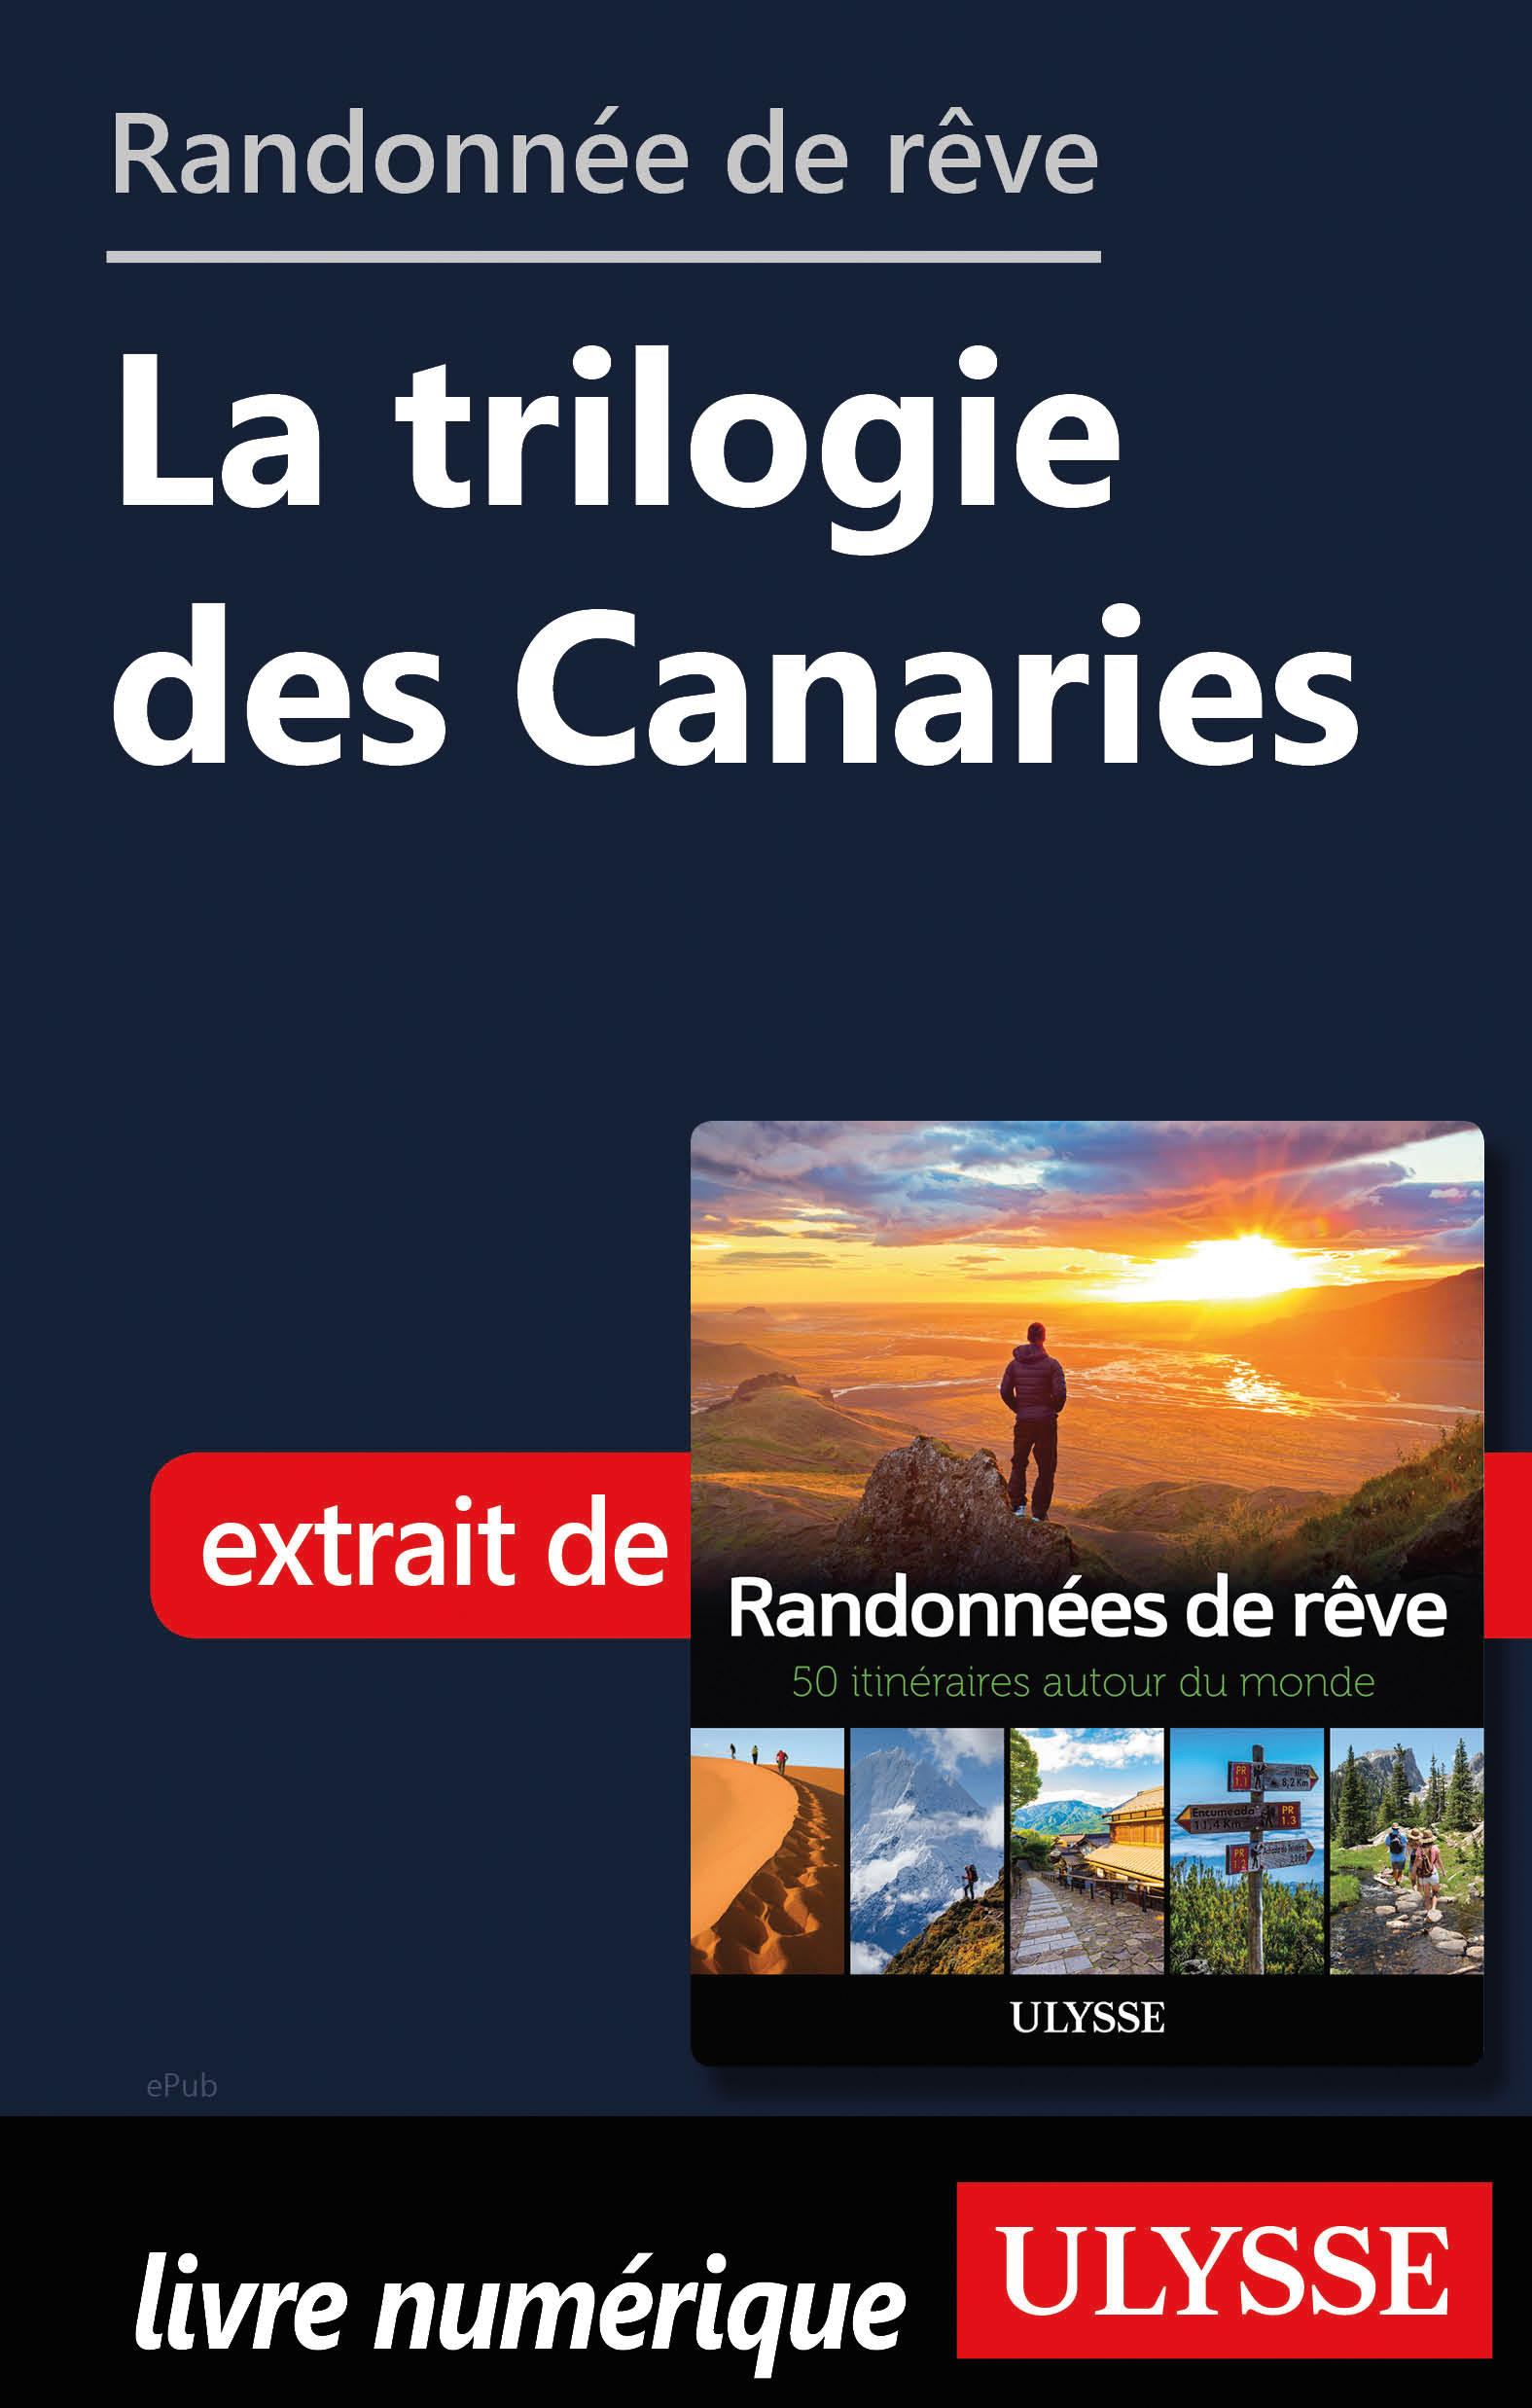 Randonnée de rêve - La trilogie des Canaries